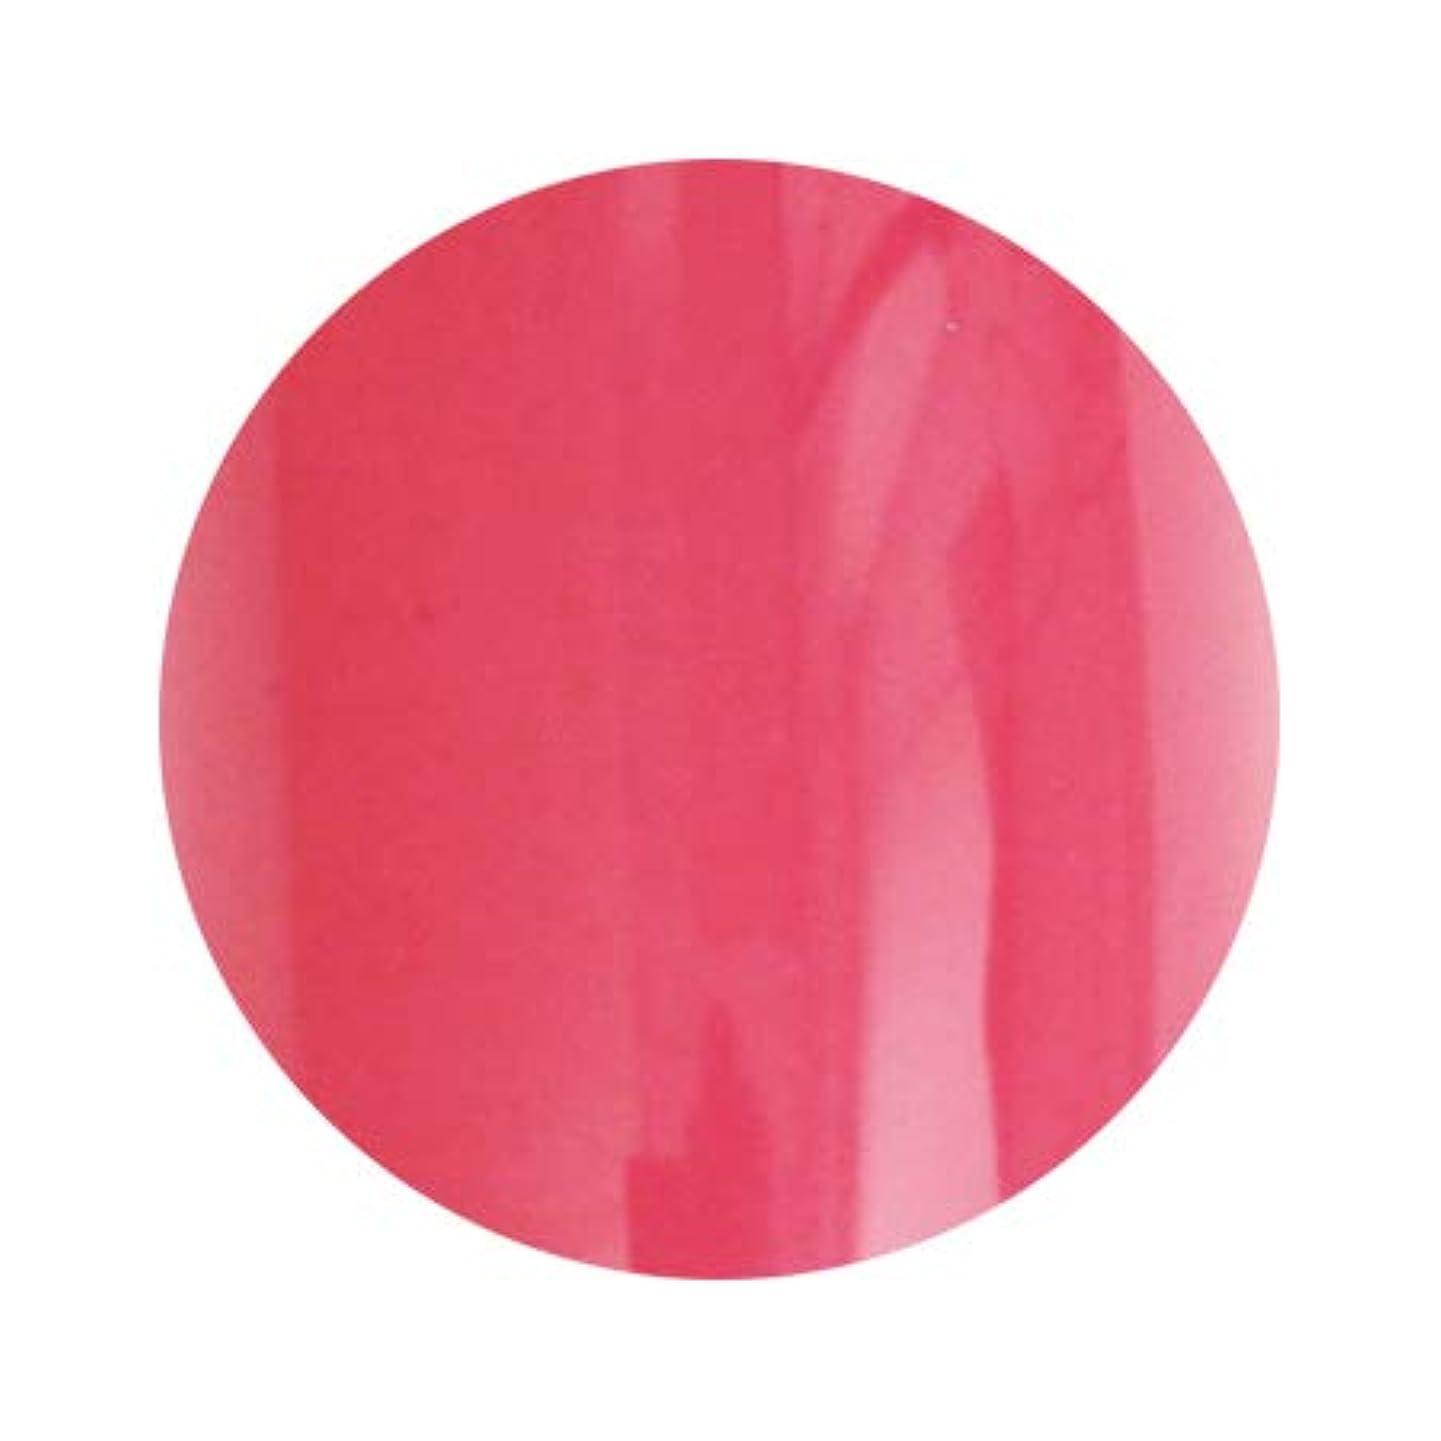 デザート揃えるアルミニウムLUCU GEL ルクジェル カラー REM06 コーラルレッド 3.5g